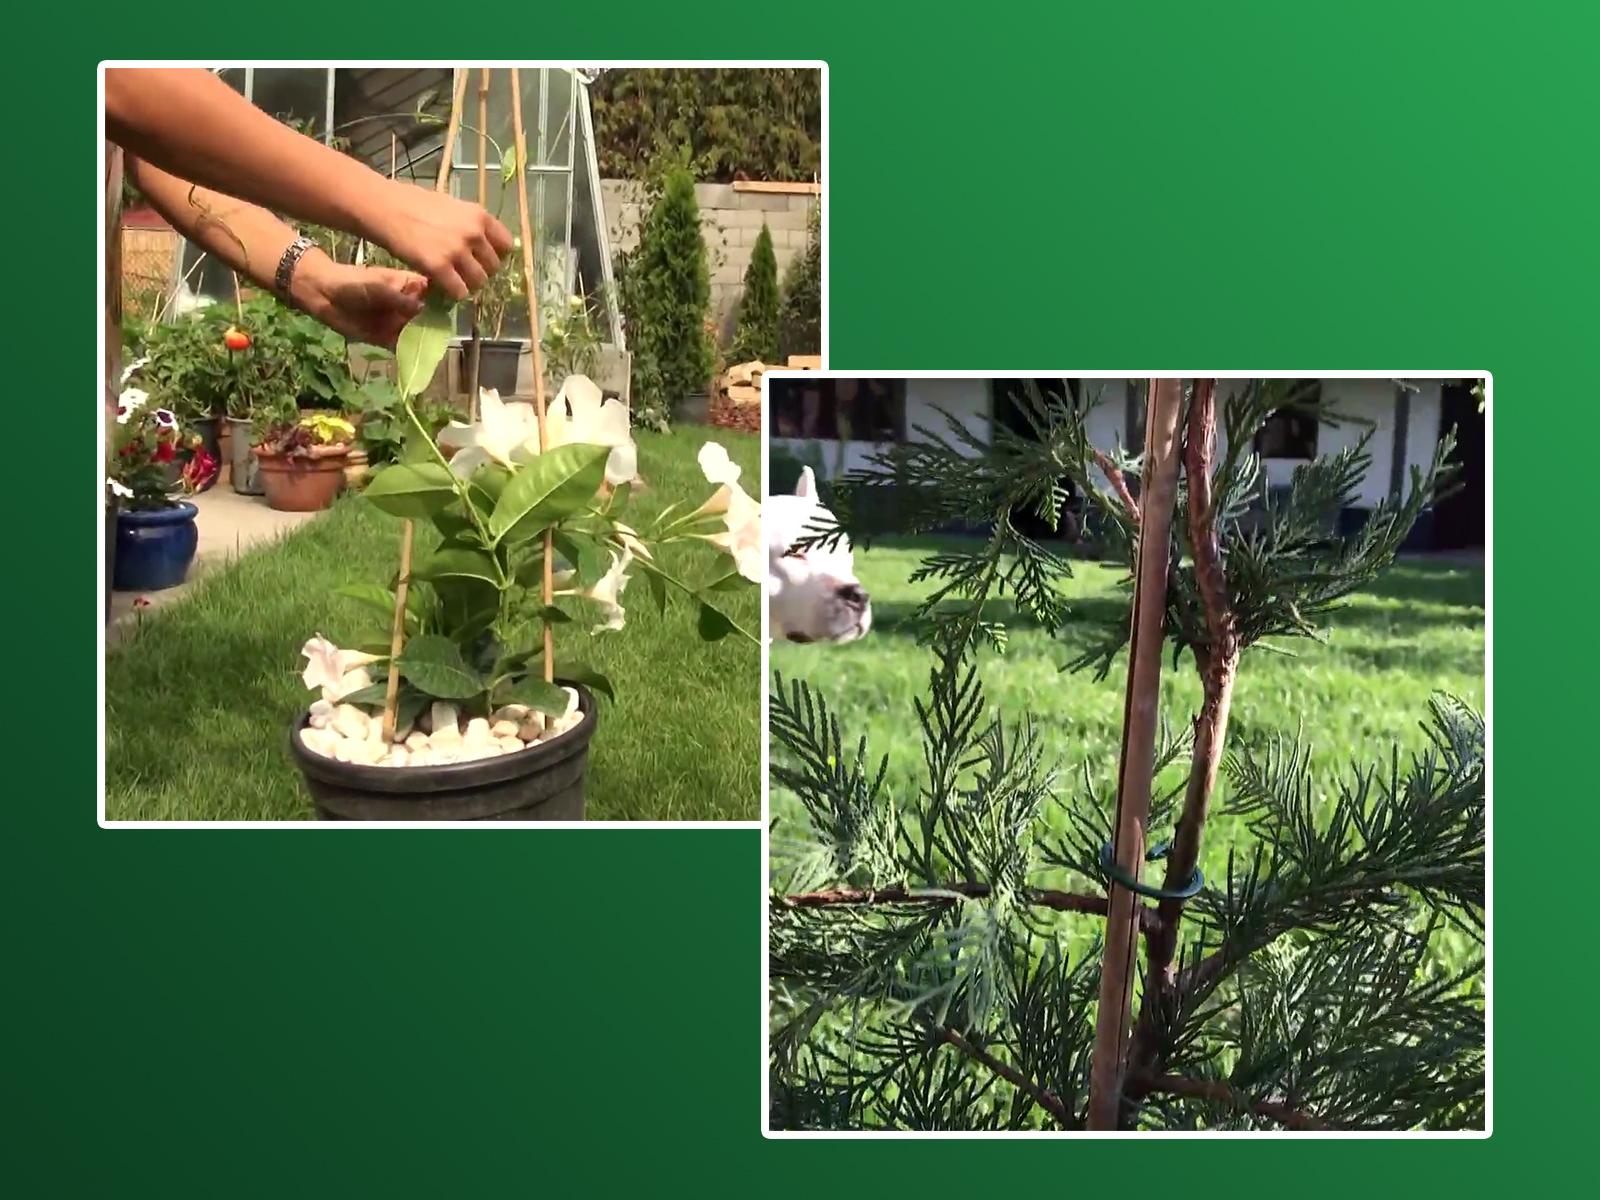 Bamboo támaszték, növénykaró, bambuszpálca, bambuszrúd